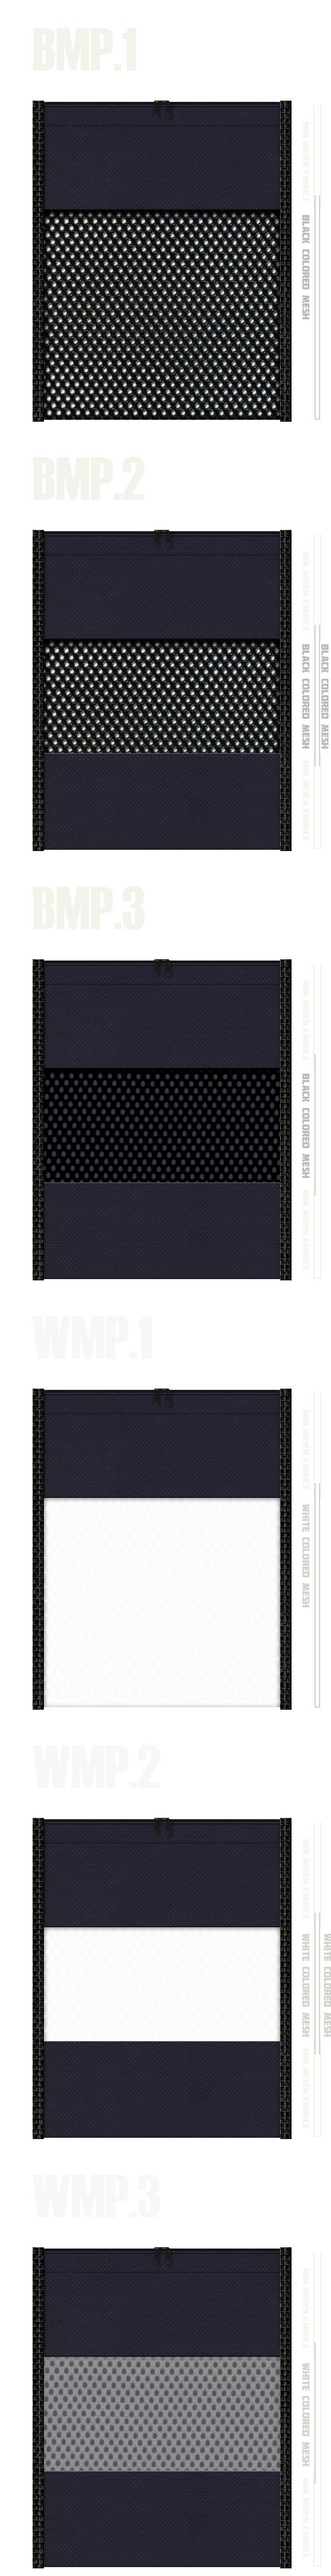 メッシュポーチのカラーシミュレーション:黒色・白色メッシュと濃紺色不織布の組み合わせ